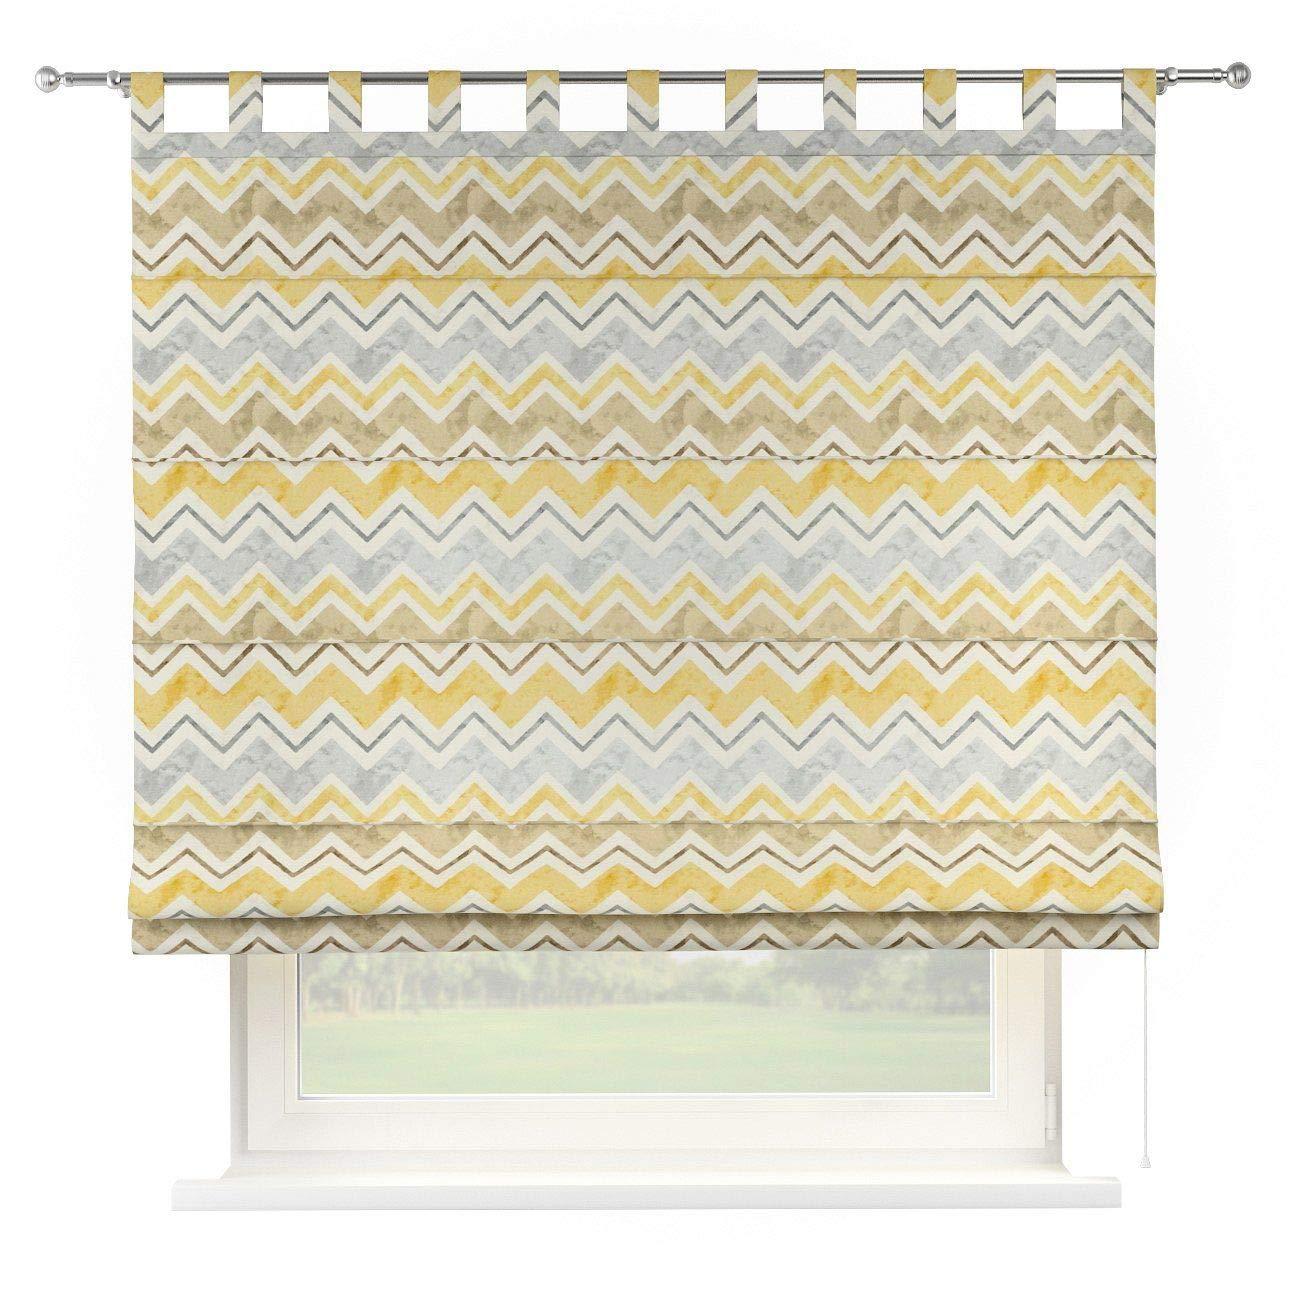 Dekoria Raffrollo Verona ohne Bohren Blickdicht Faltvorhang Raffgardine Wohnzimmer Schlafzimmer Kinderzimmer 160 × 170 cm gelb-grau-braun Raffrollos auf Maß maßanfertigung möglich